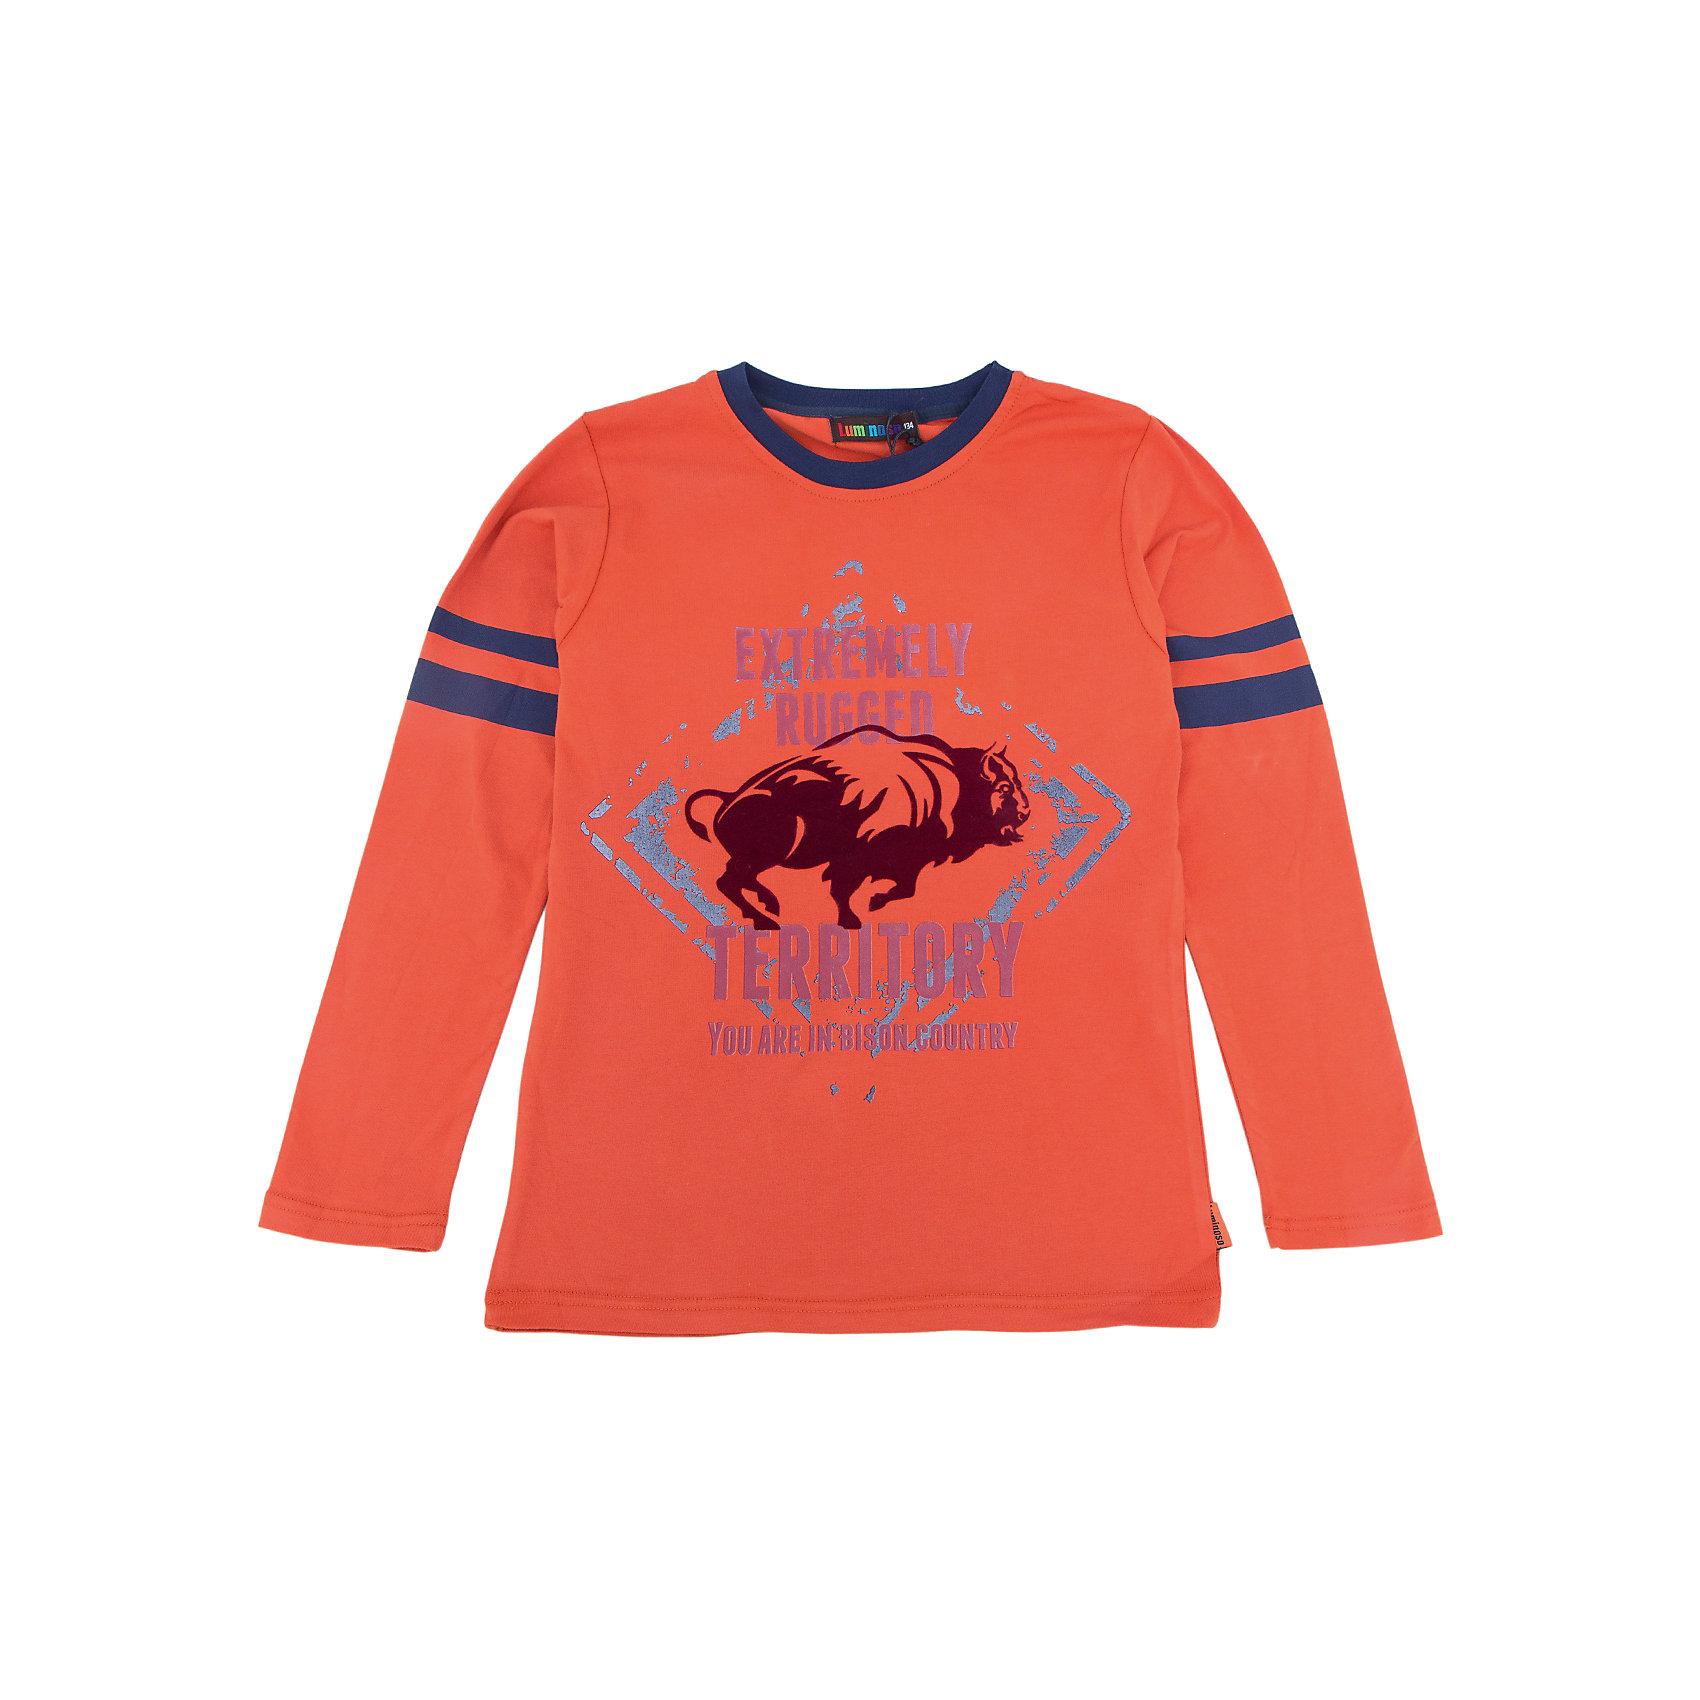 Футболка с длинным рукавом для мальчика LuminosoХарактеристики товара:<br><br>- цвет: оранжевый;<br>- материал: 95% хлопок, 5% эластан;<br>- округлый горловой вырез;<br>- длинный рукав;<br>- принт.<br><br>Стильная одежда от бренда Luminoso (Люминосо), созданная при участии итальянских дизайнеров, учитывает потребности подростков и последние веяния моды. Она удобная и модная.<br>Эта стильная футболка с длинным рукавом идеальна для прохладной погоды. Он хорошо сидит на ребенке, обеспечивает комфорт и отлично сочетается с одежной разных стилей. Модель отличается высоким качеством материала и продуманным дизайном.<br><br>Футболку с длинным рукавом для мальчика от бренда Luminoso (Люминосо) можно купить в нашем интернет-магазине.<br><br>Ширина мм: 230<br>Глубина мм: 40<br>Высота мм: 220<br>Вес г: 250<br>Цвет: коричневый<br>Возраст от месяцев: 96<br>Возраст до месяцев: 108<br>Пол: Мужской<br>Возраст: Детский<br>Размер: 134,164,158,152,146,140<br>SKU: 4930942